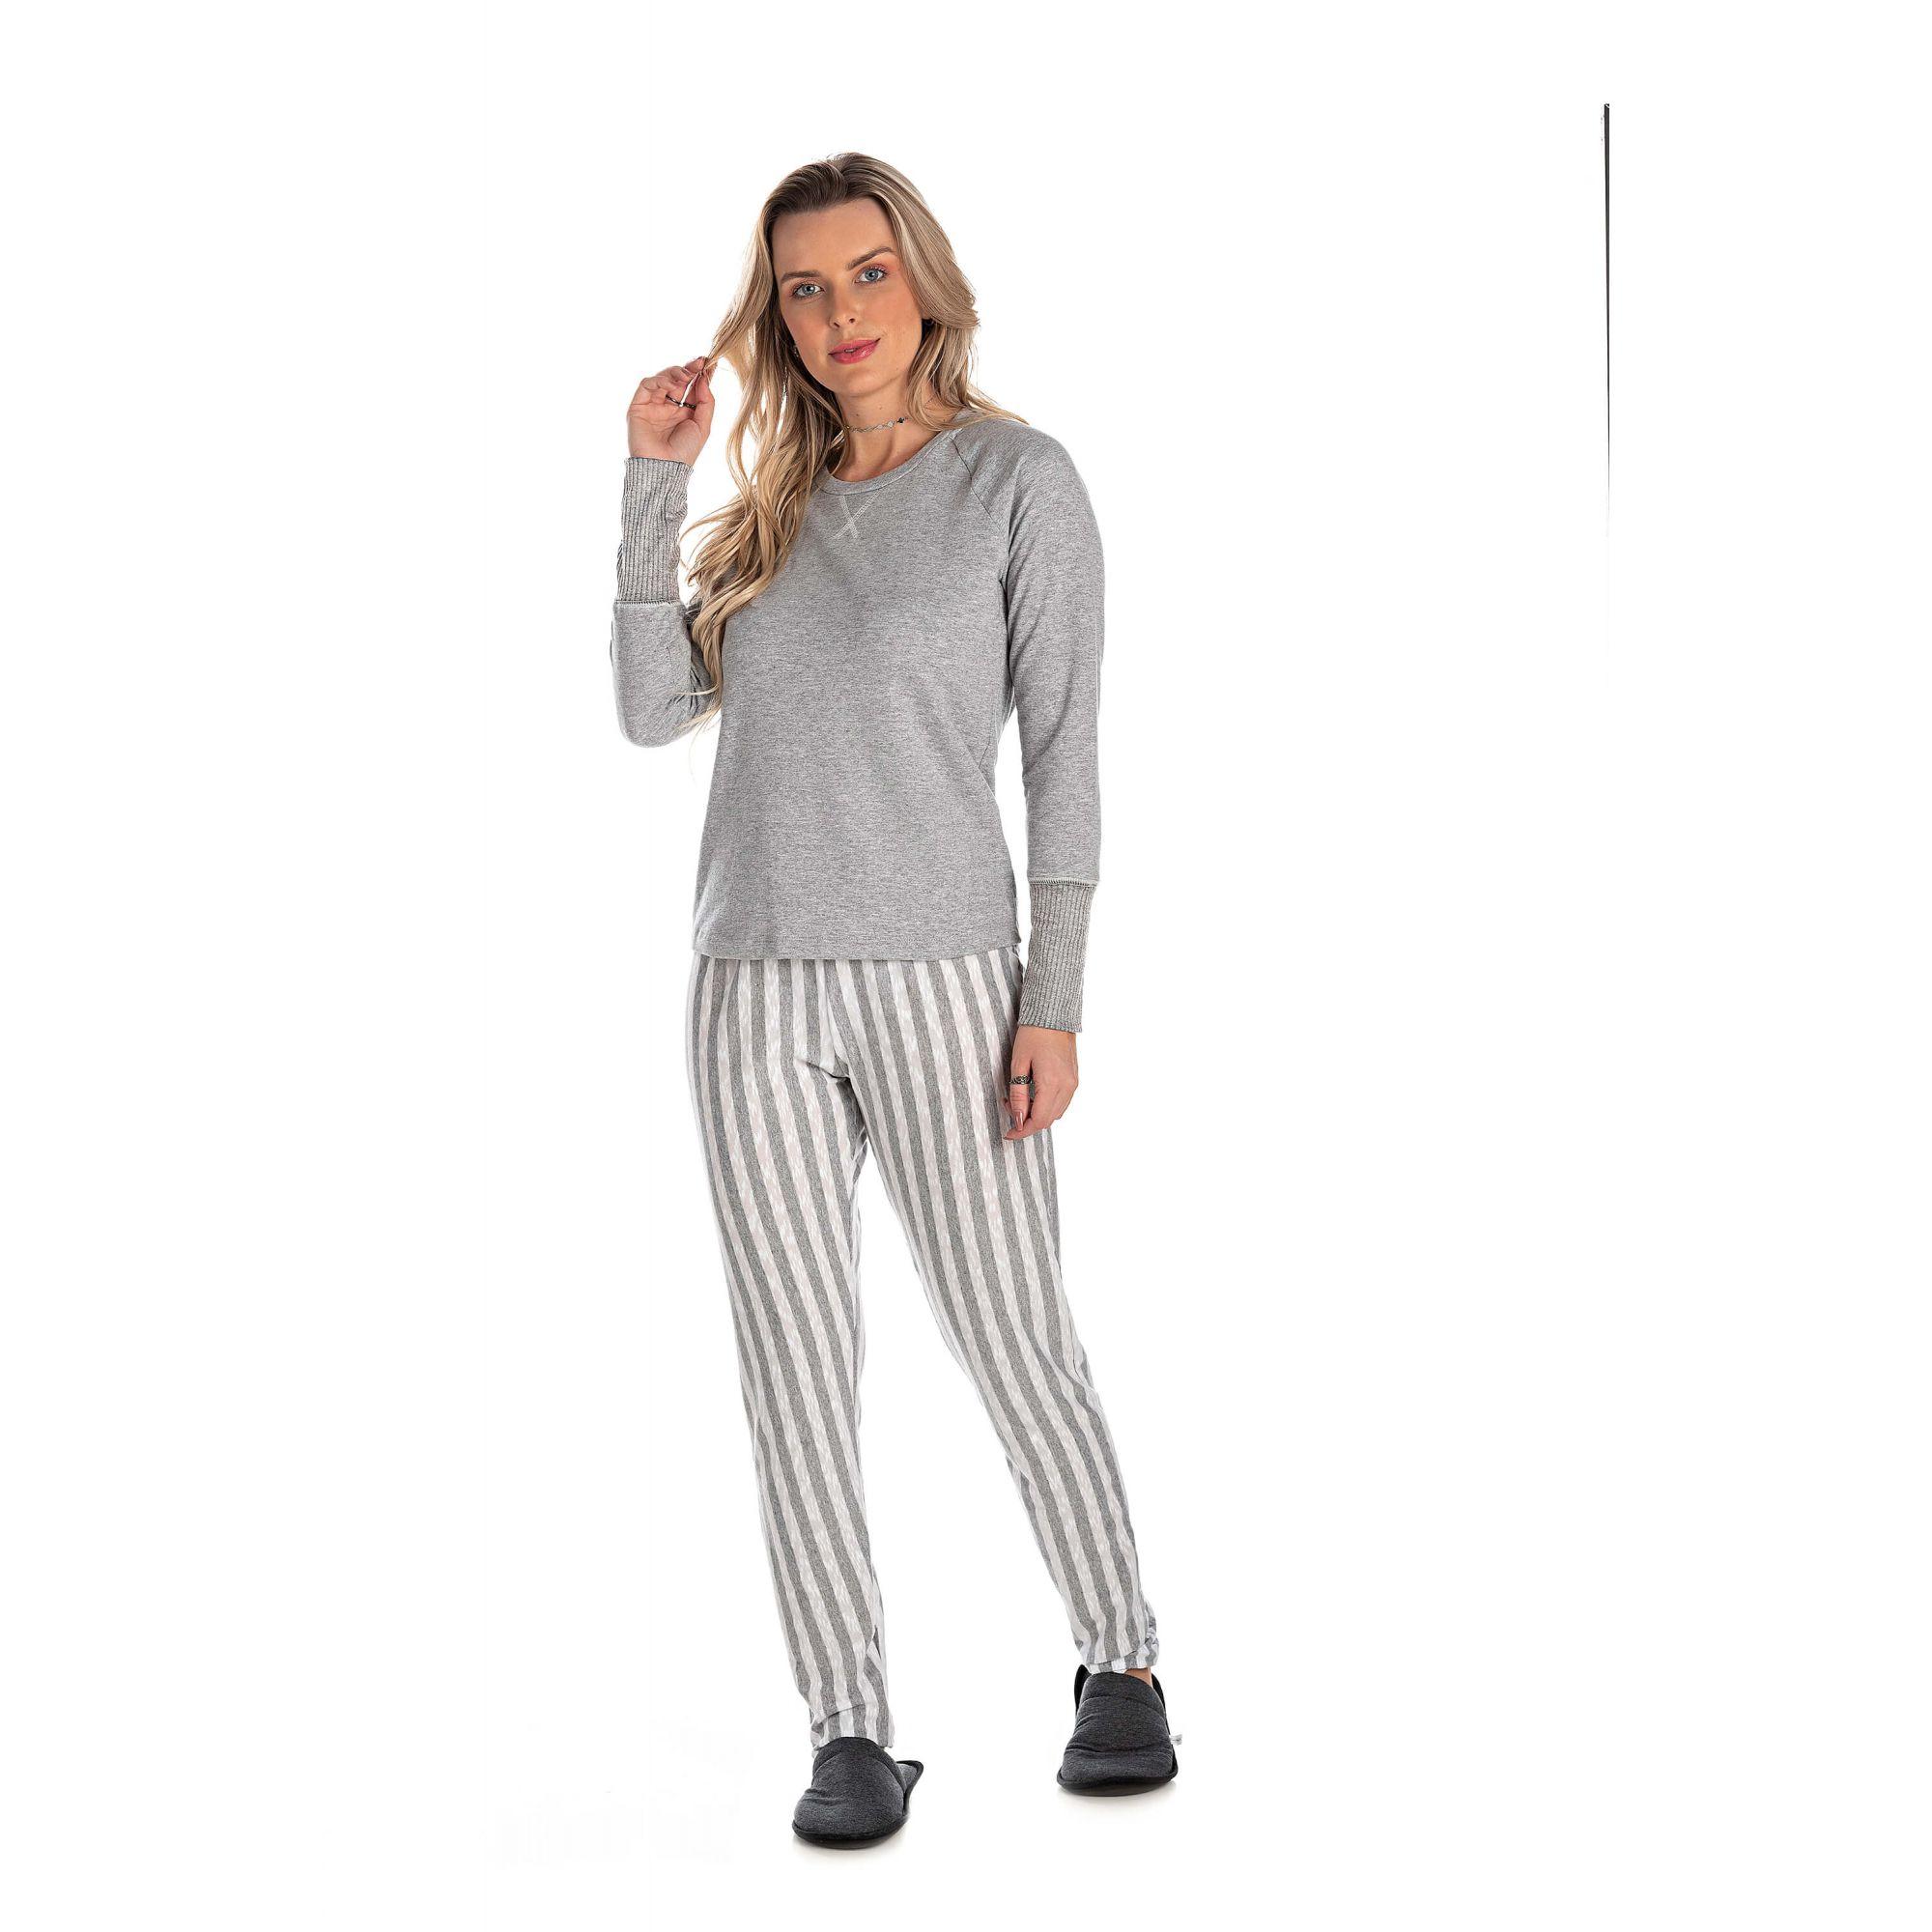 009/C - Pijama Adulto Feminino Longo Com Fio Flamê